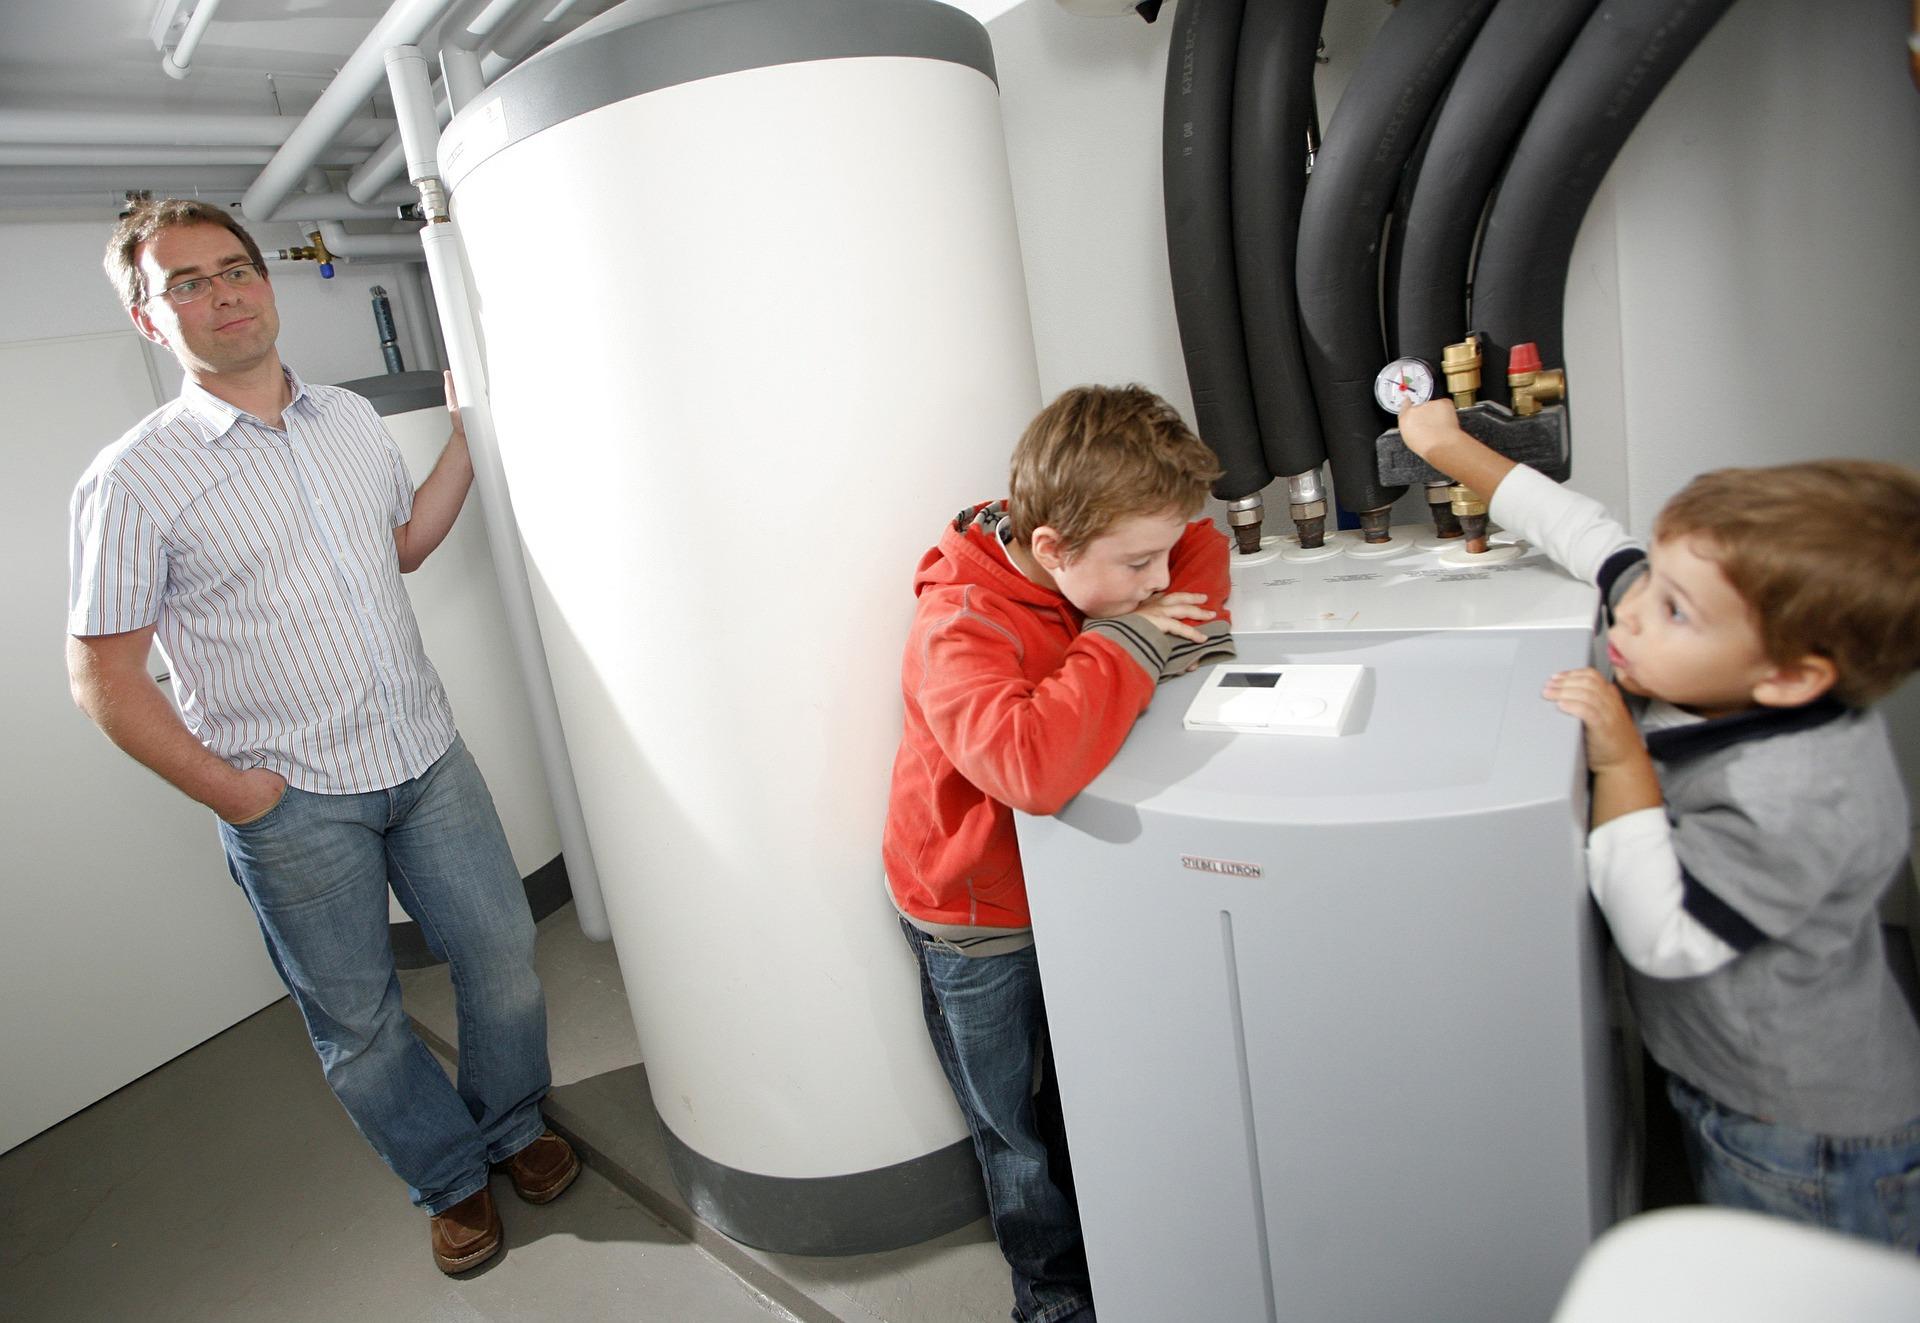 La pompe à chaleur – une option de chauffage et de refroidissement efficace sur le plan énergétique